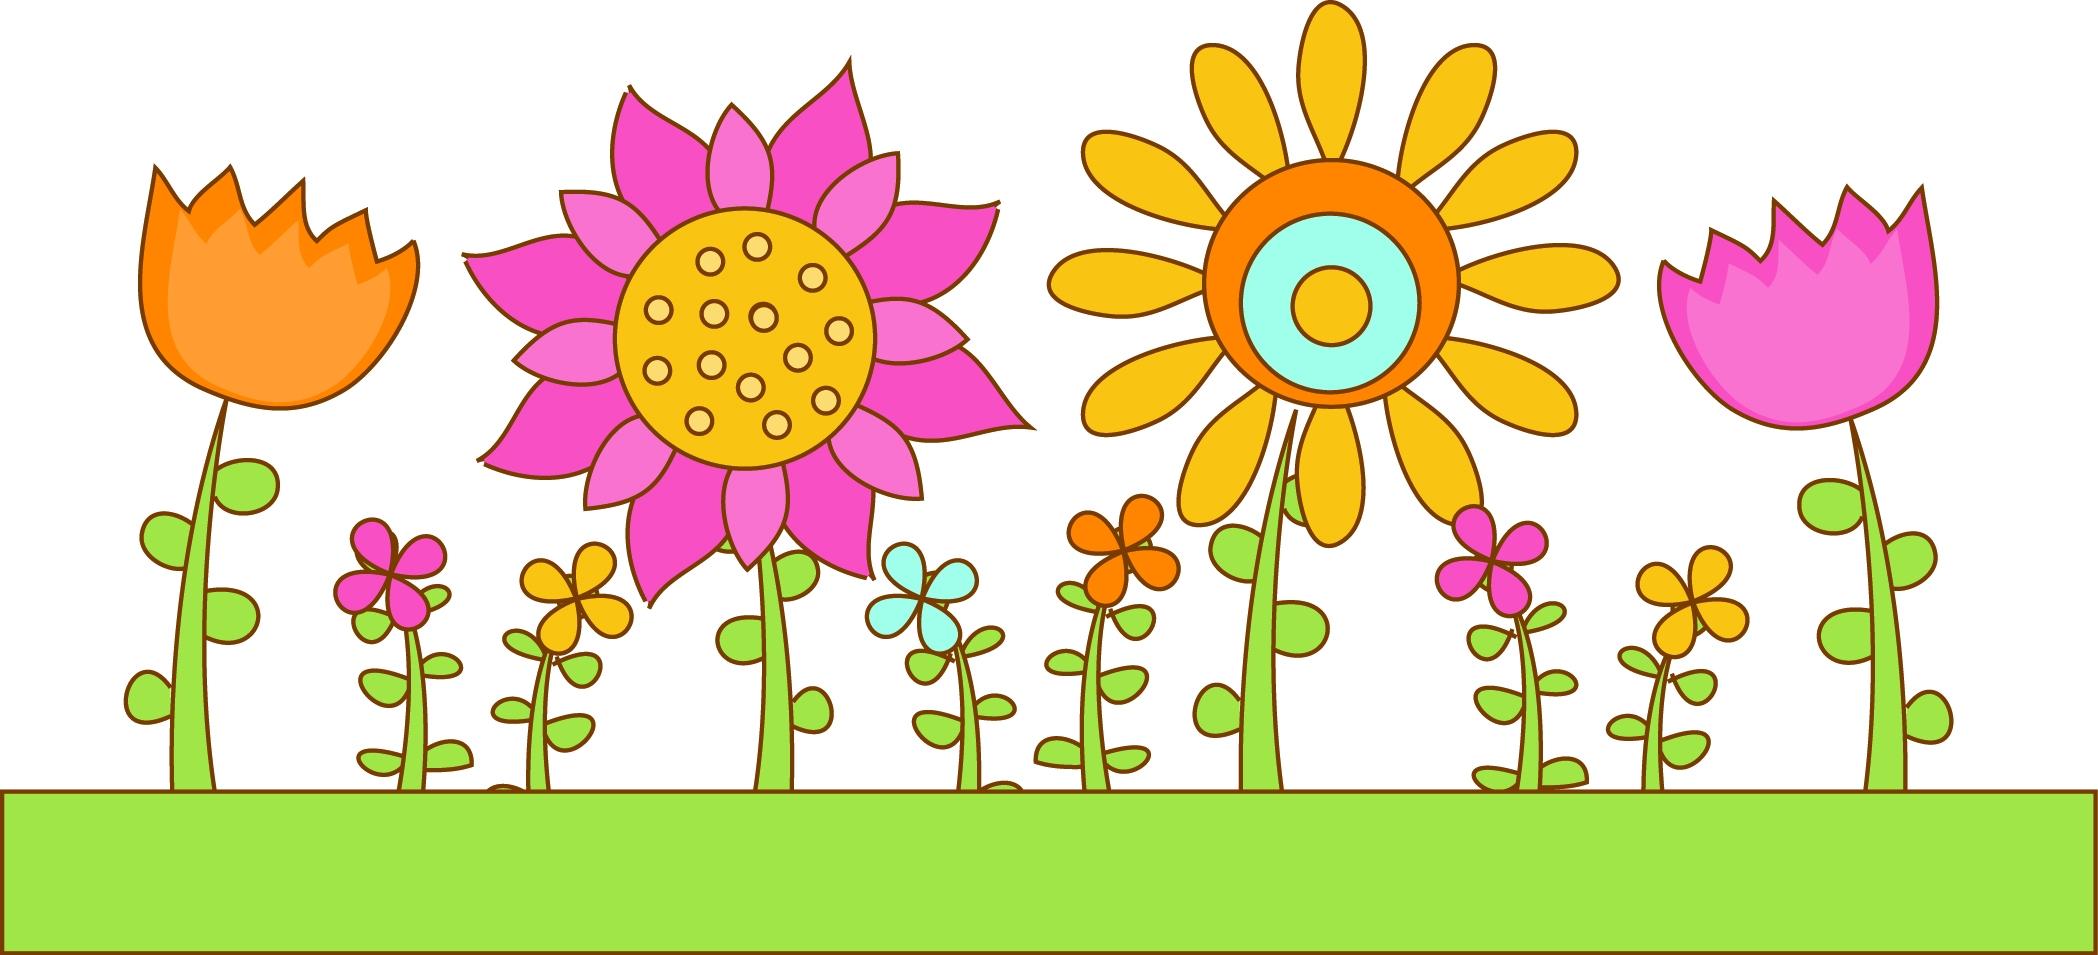 Background clipart flower garden. Station